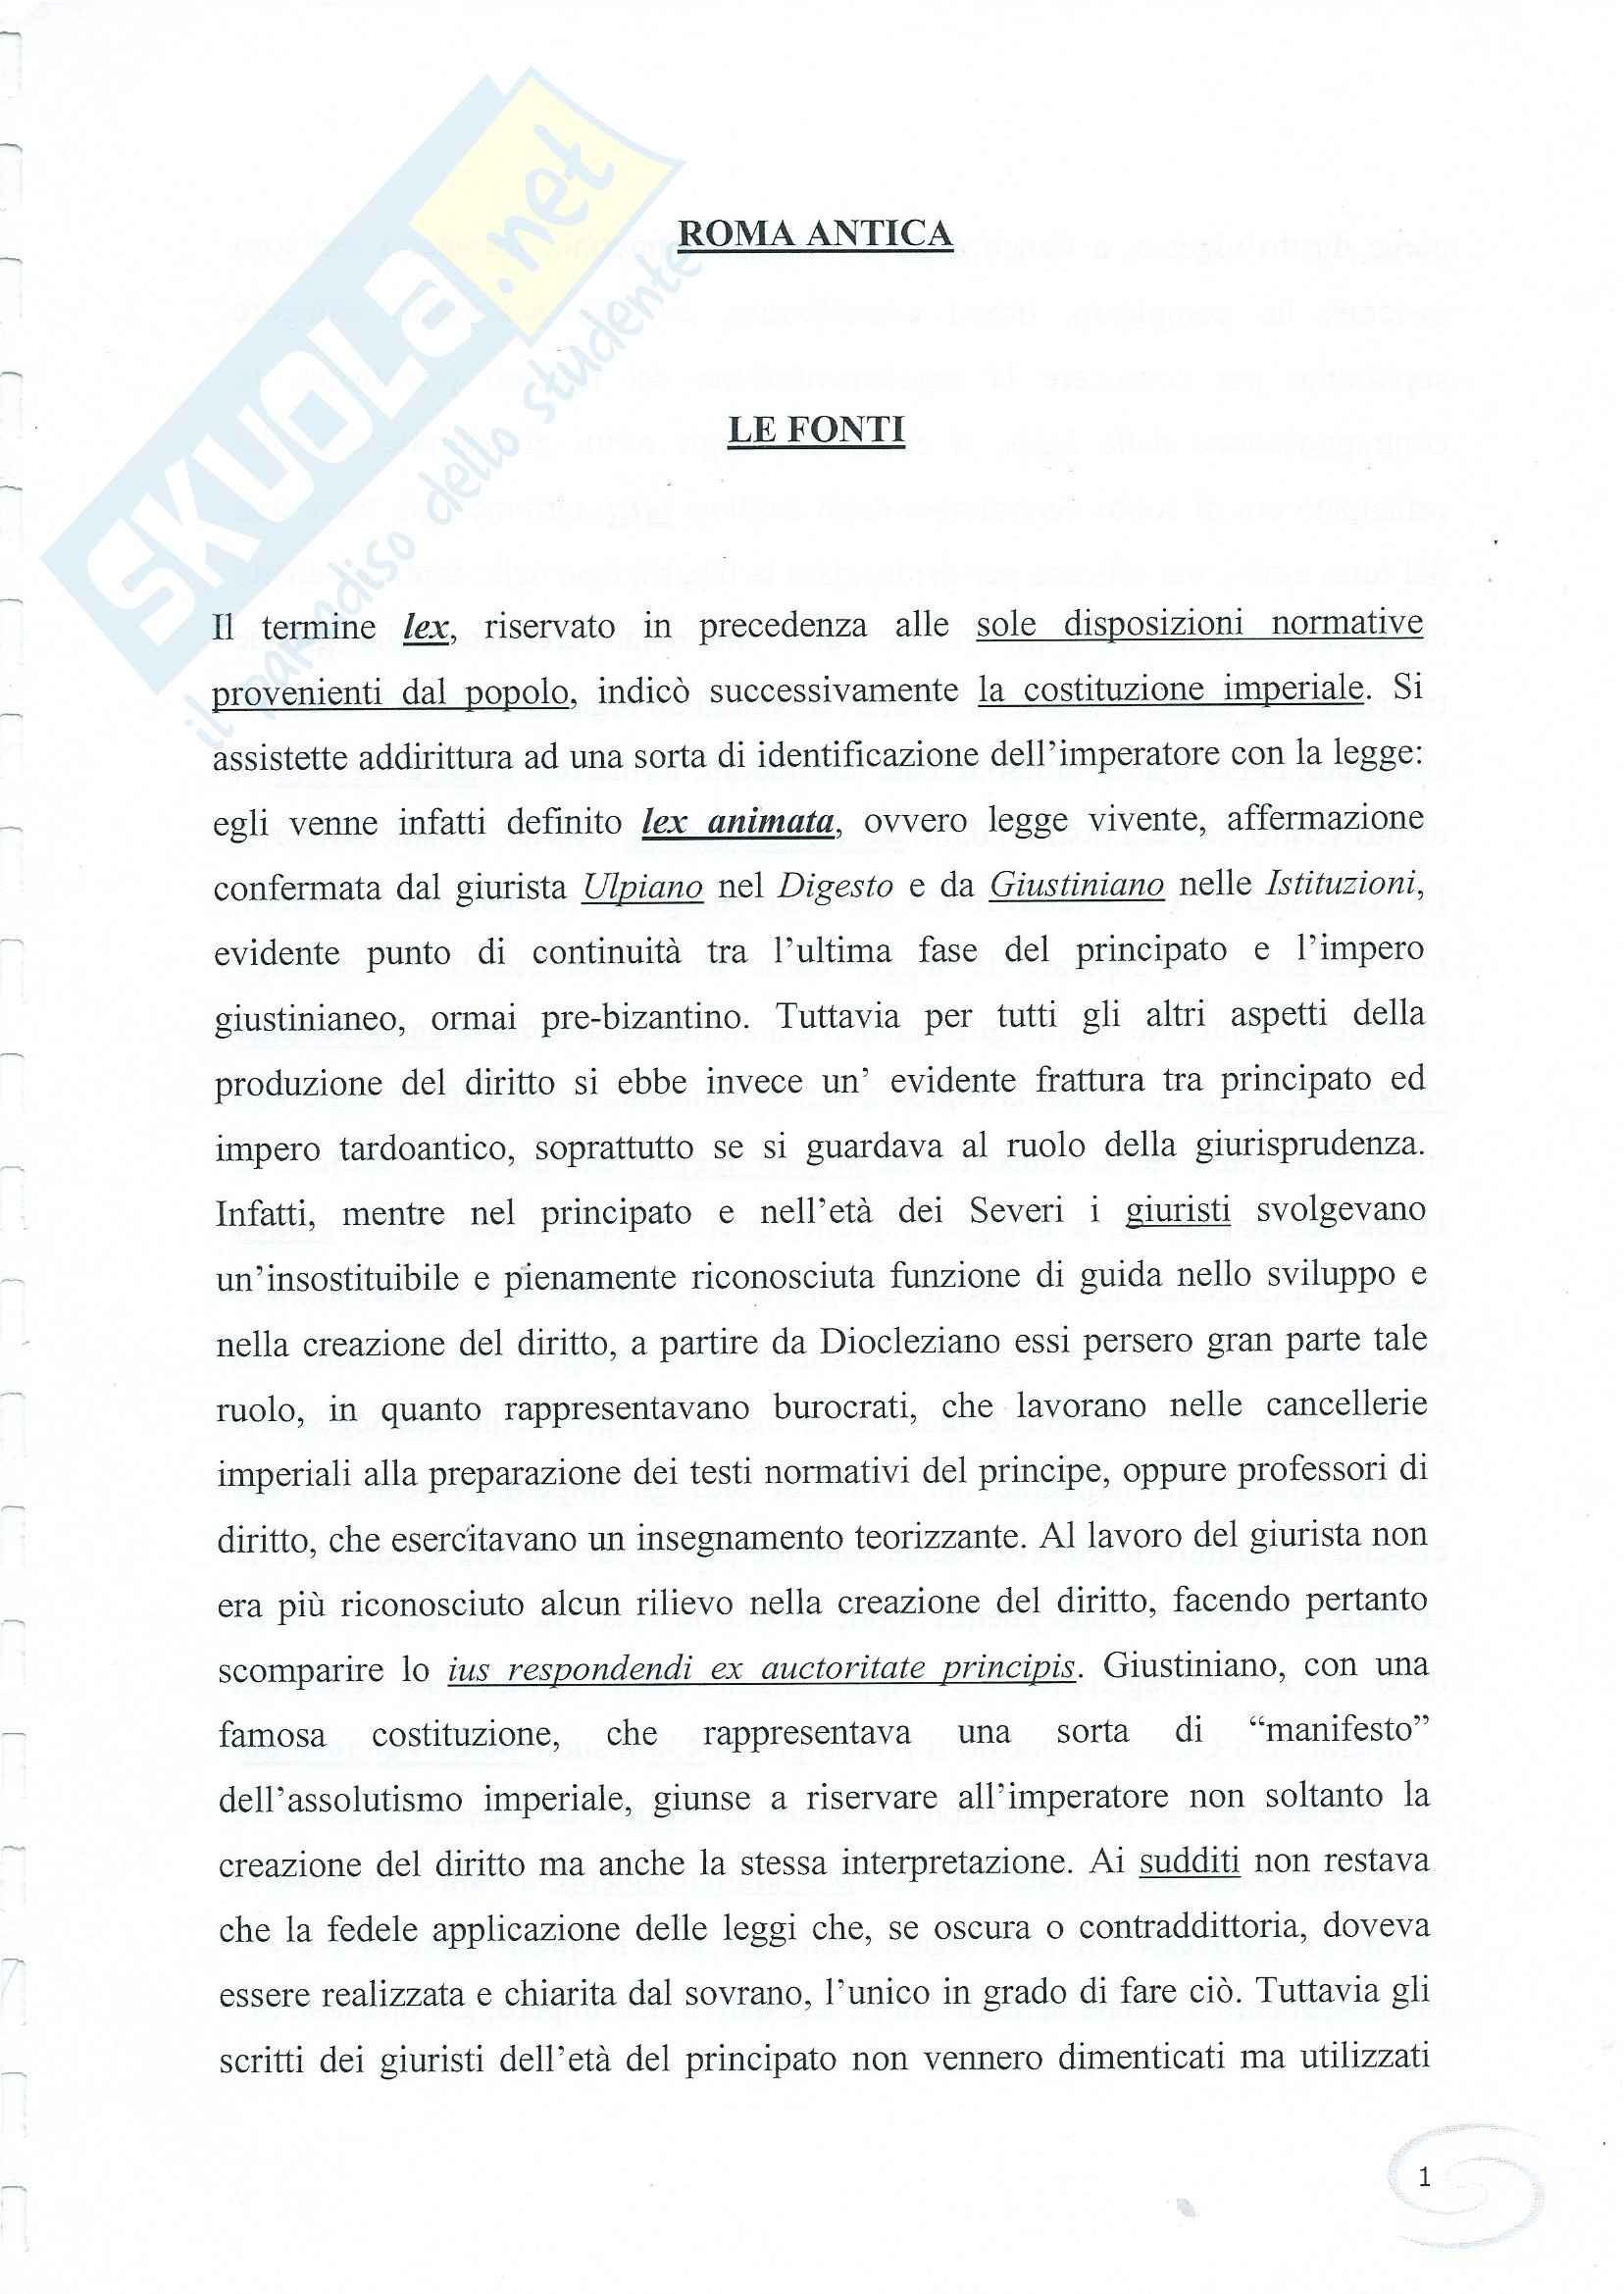 appunto C. Terreni Storia del diritto romano